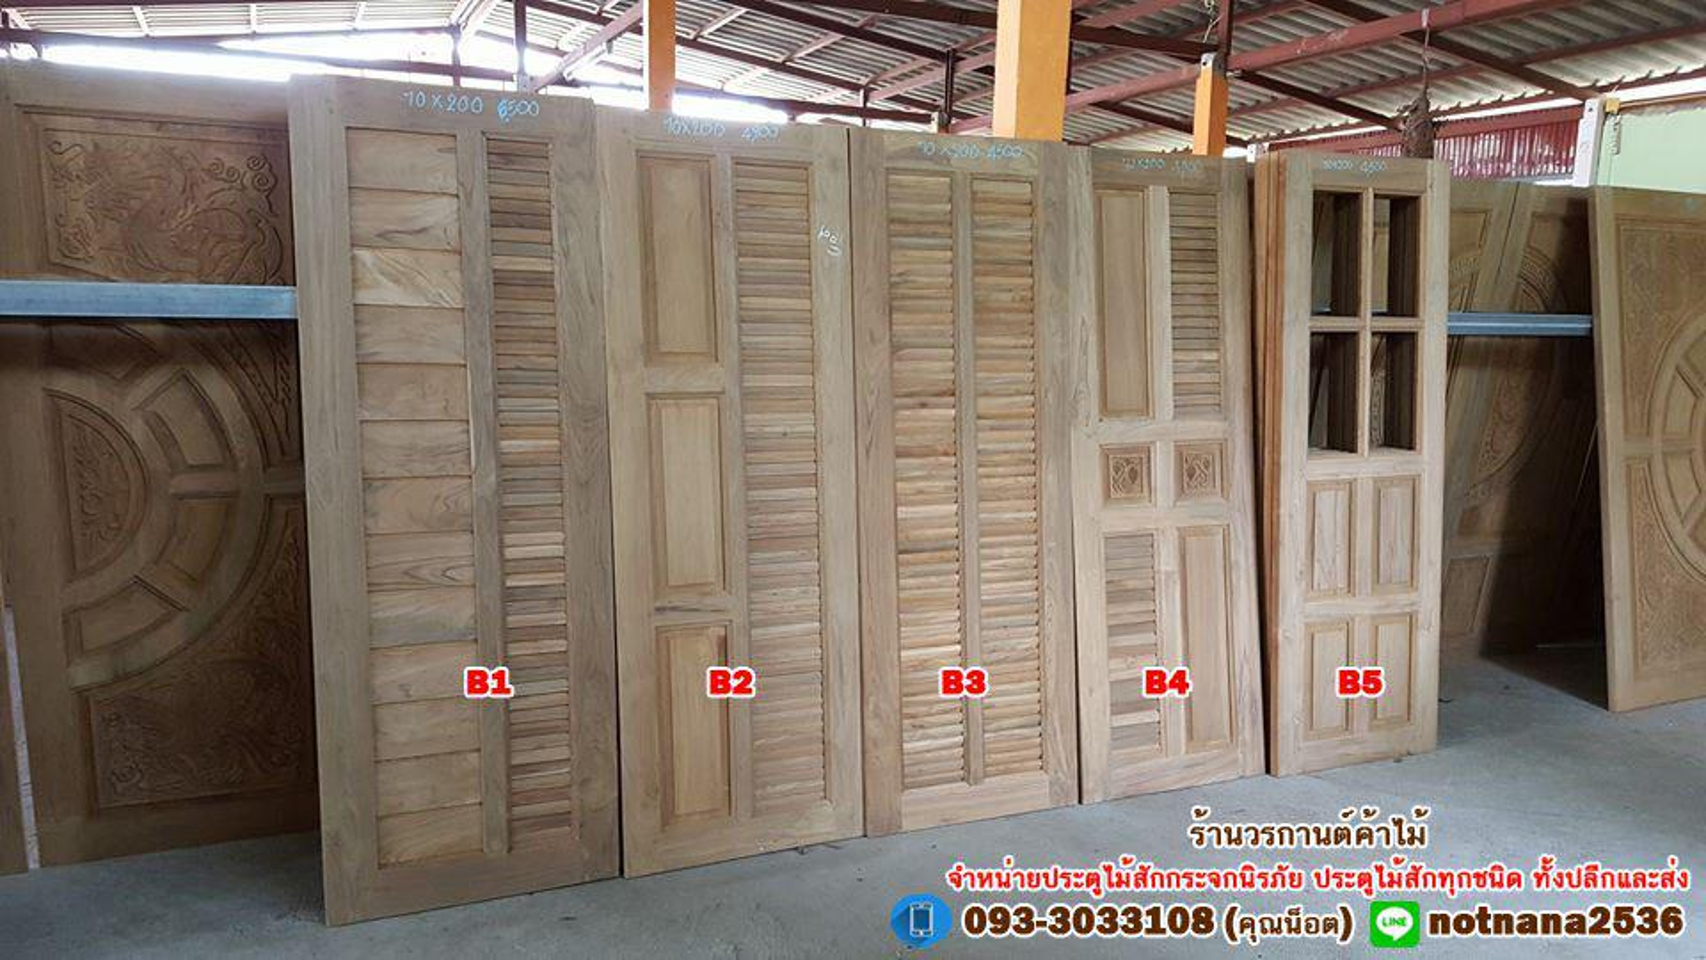 ประตูไม้สักกระจกนิรภัย , ประตูไม้สักบานคู่ ร้านวรกานต์ค้าไม้ door-woodhome.com รูปที่ 6